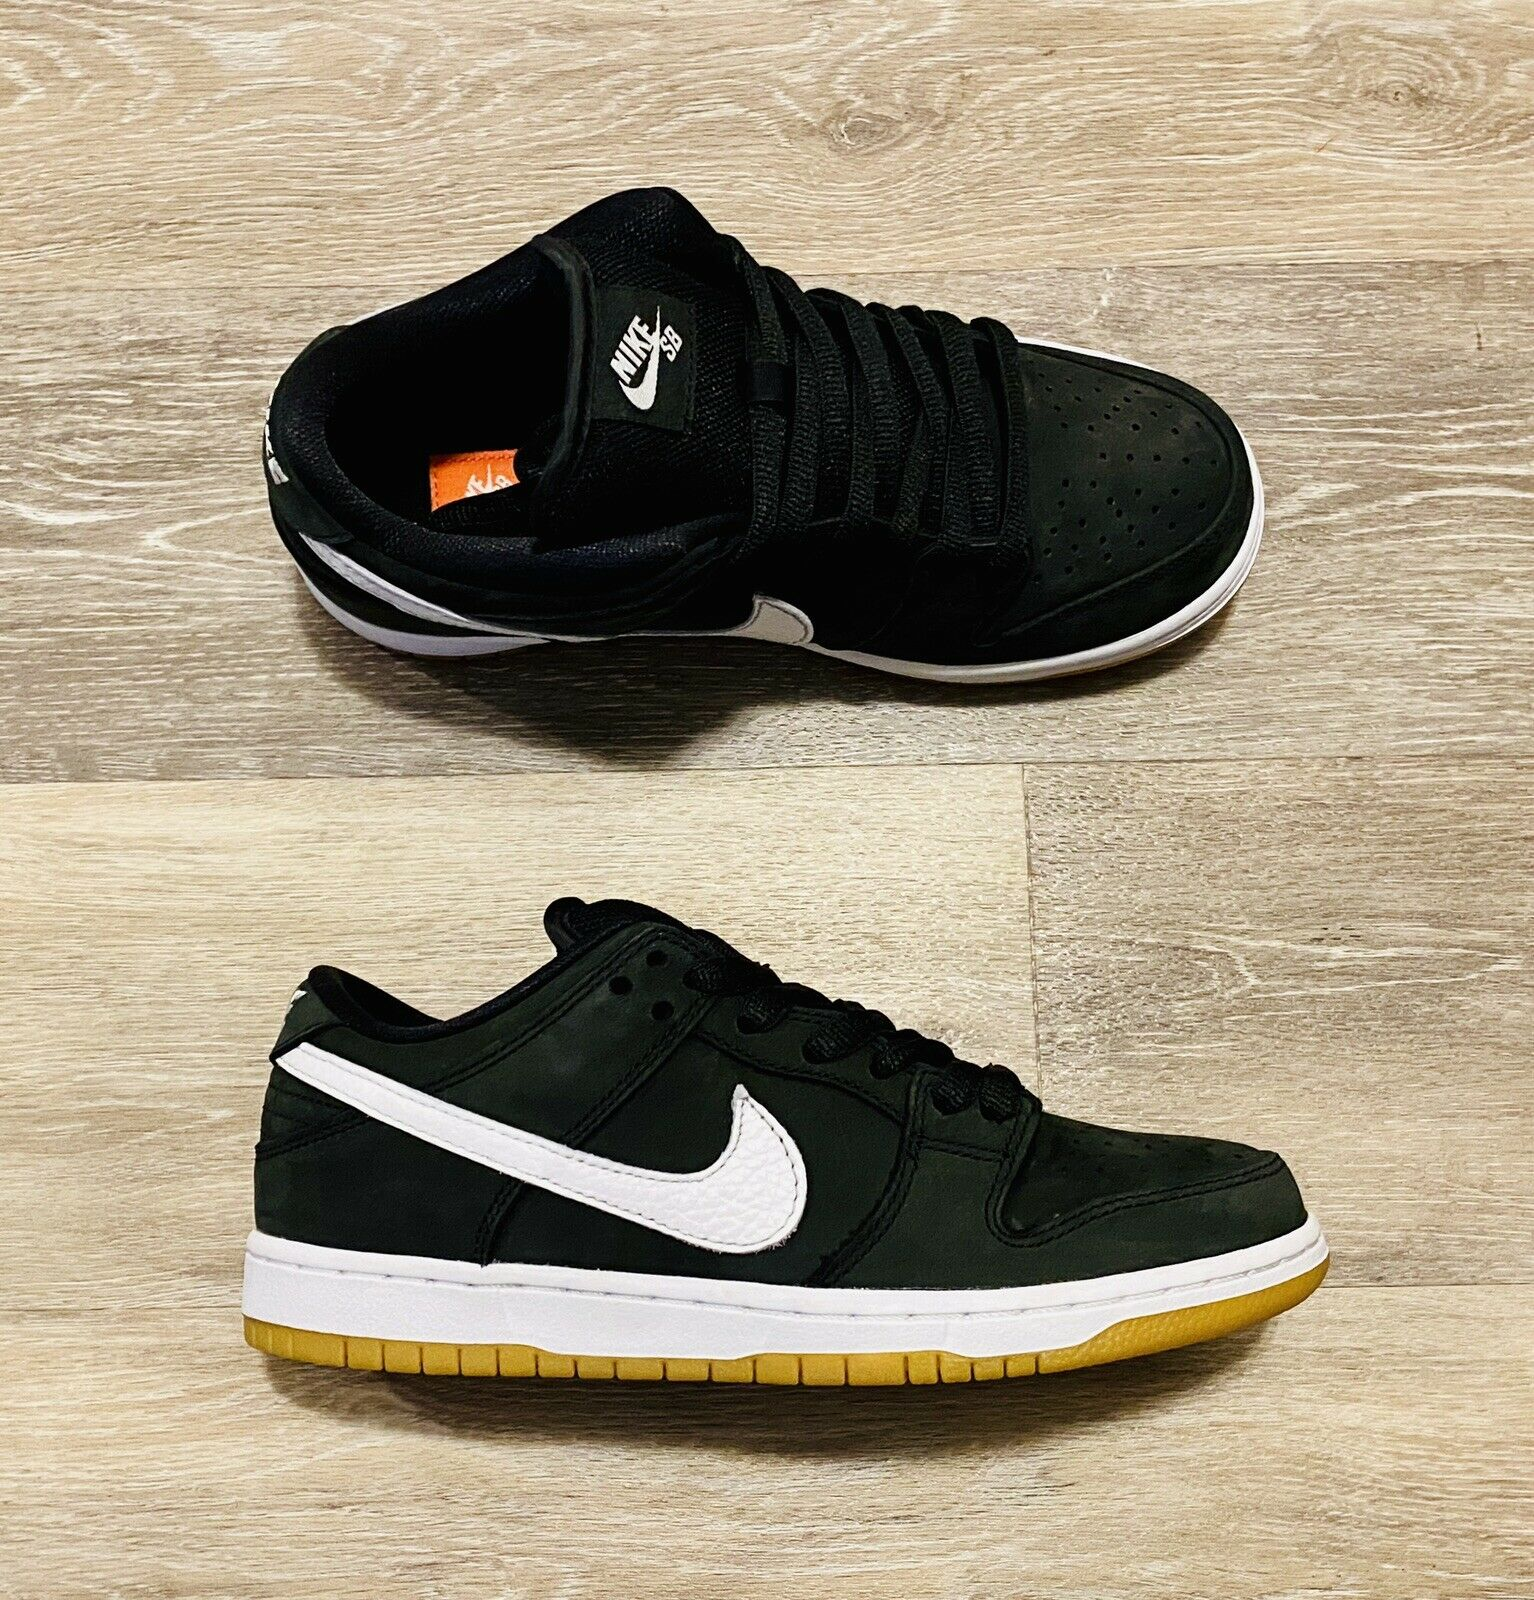 Nike SB Dunk Low Pro ISO Orange Label